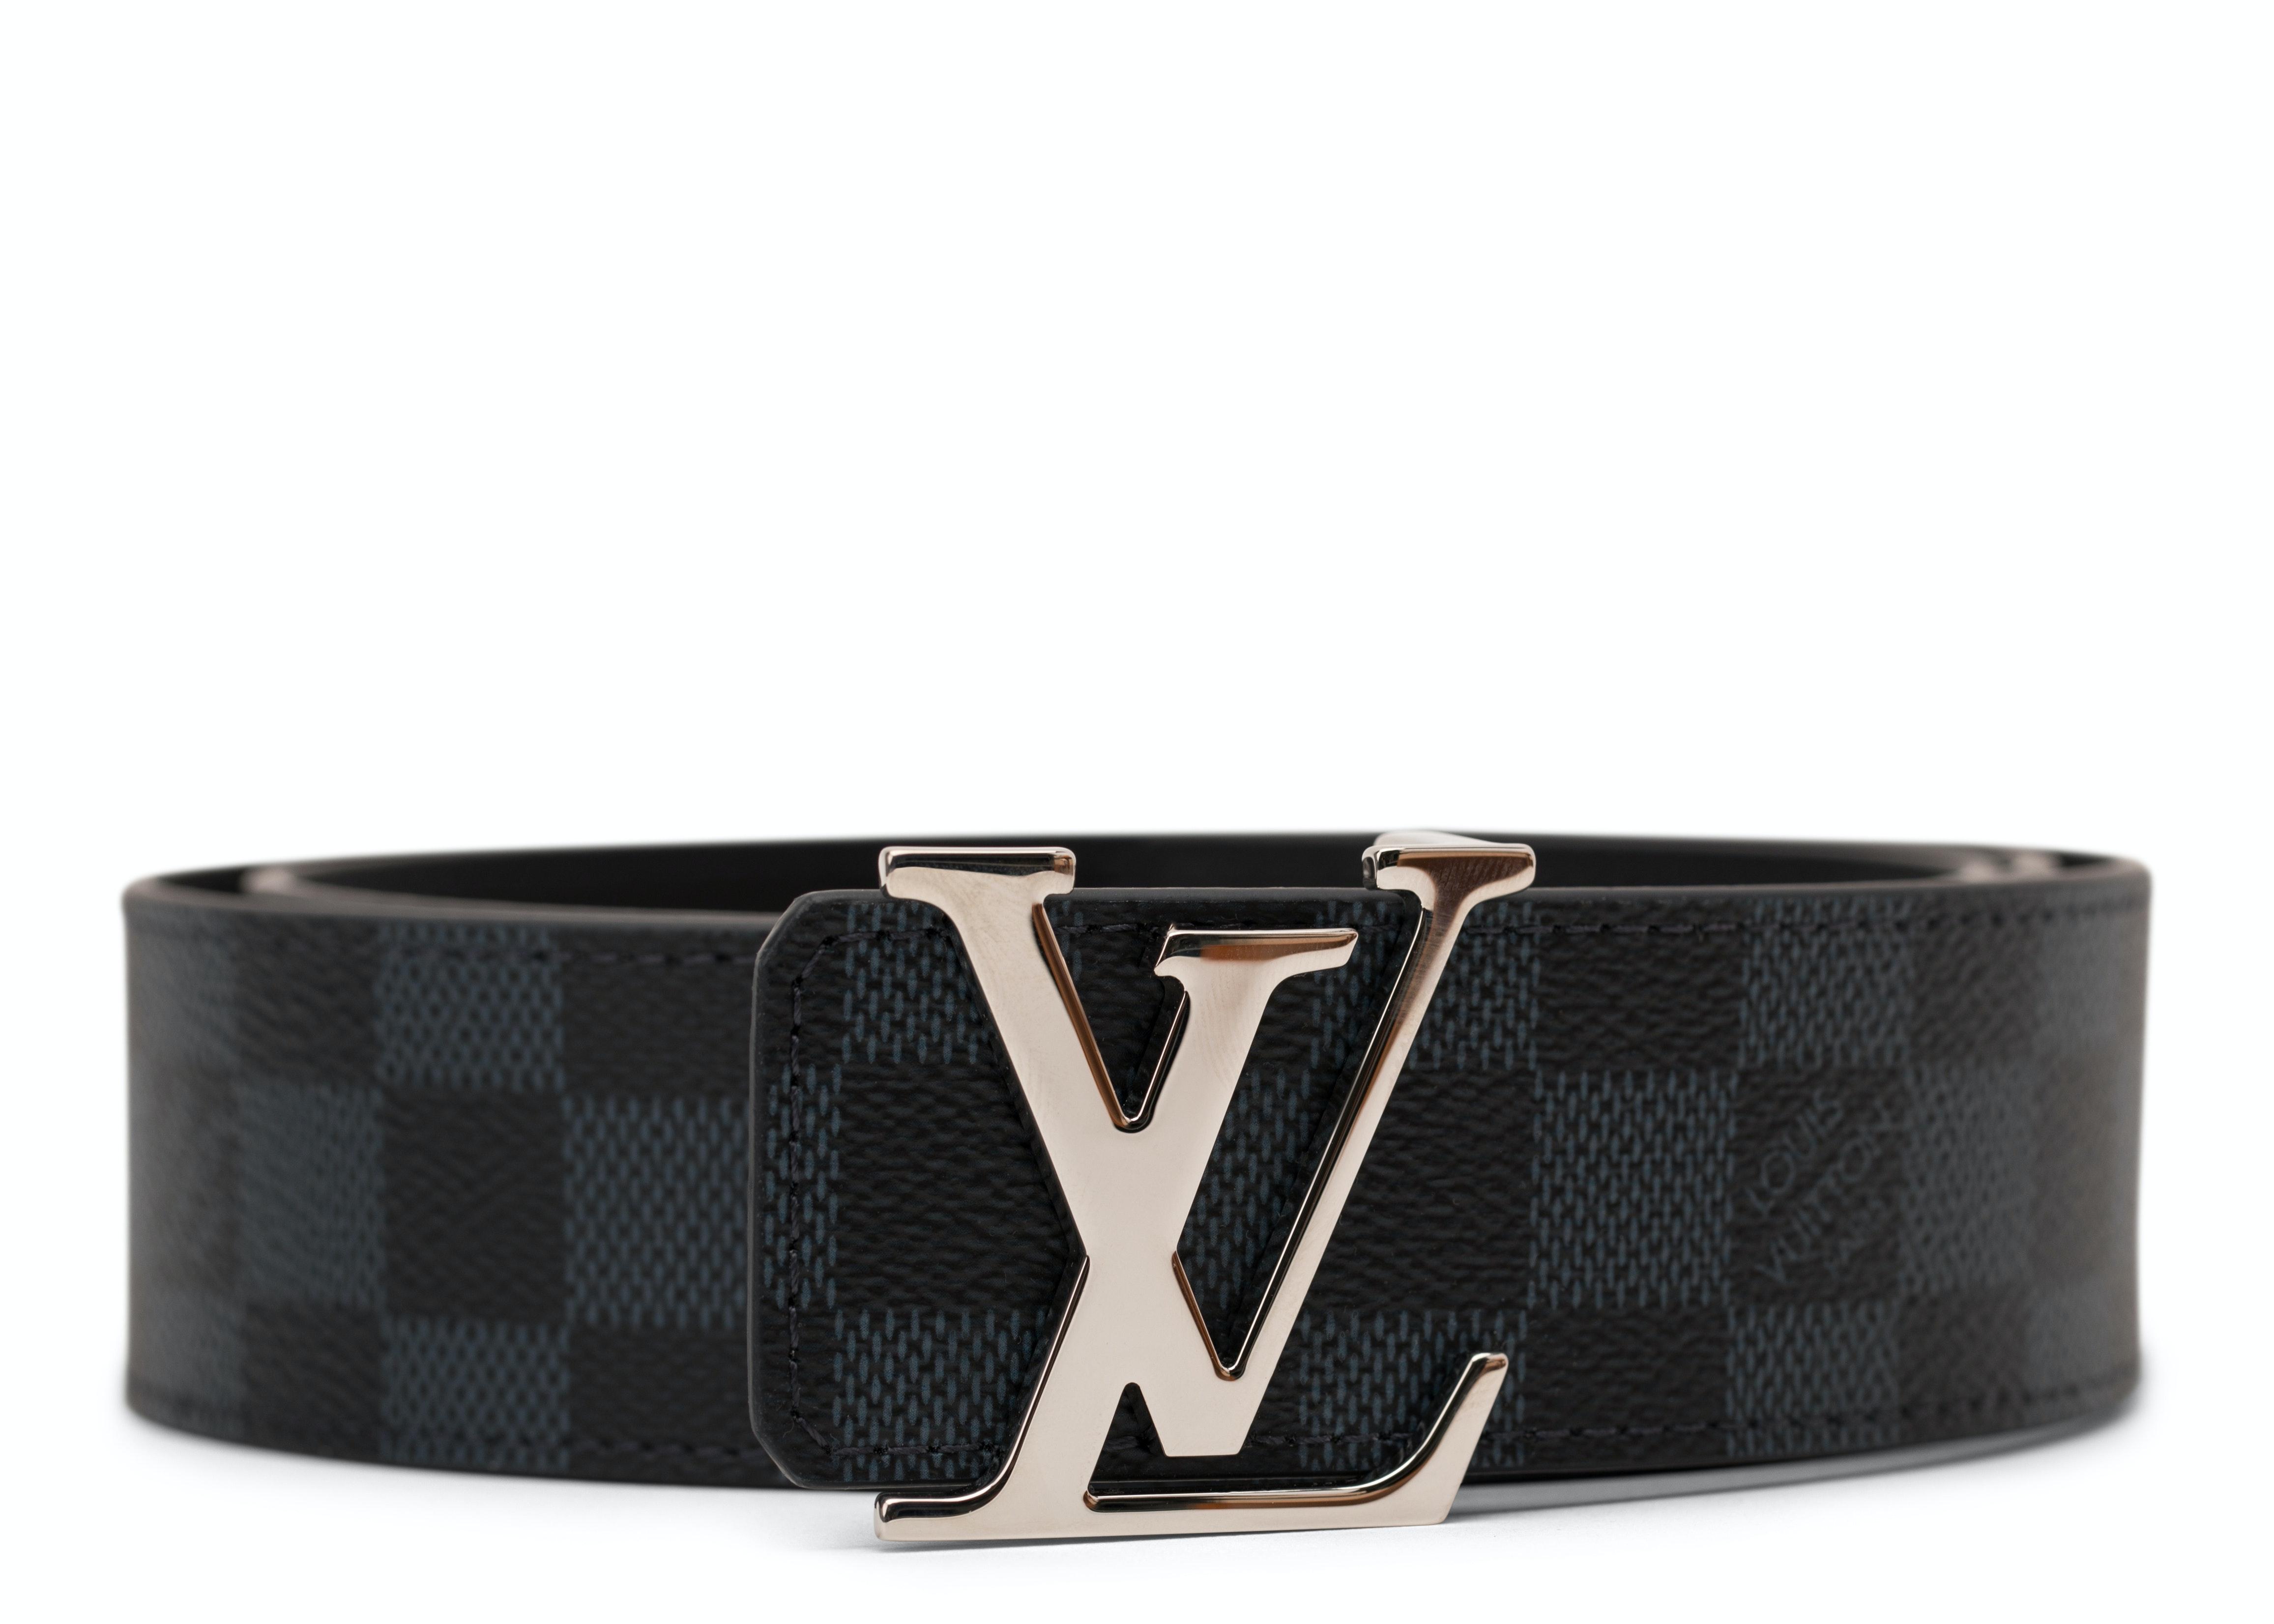 Louis Vuitton Initiales Belt Damier Cobalt Blue/Black